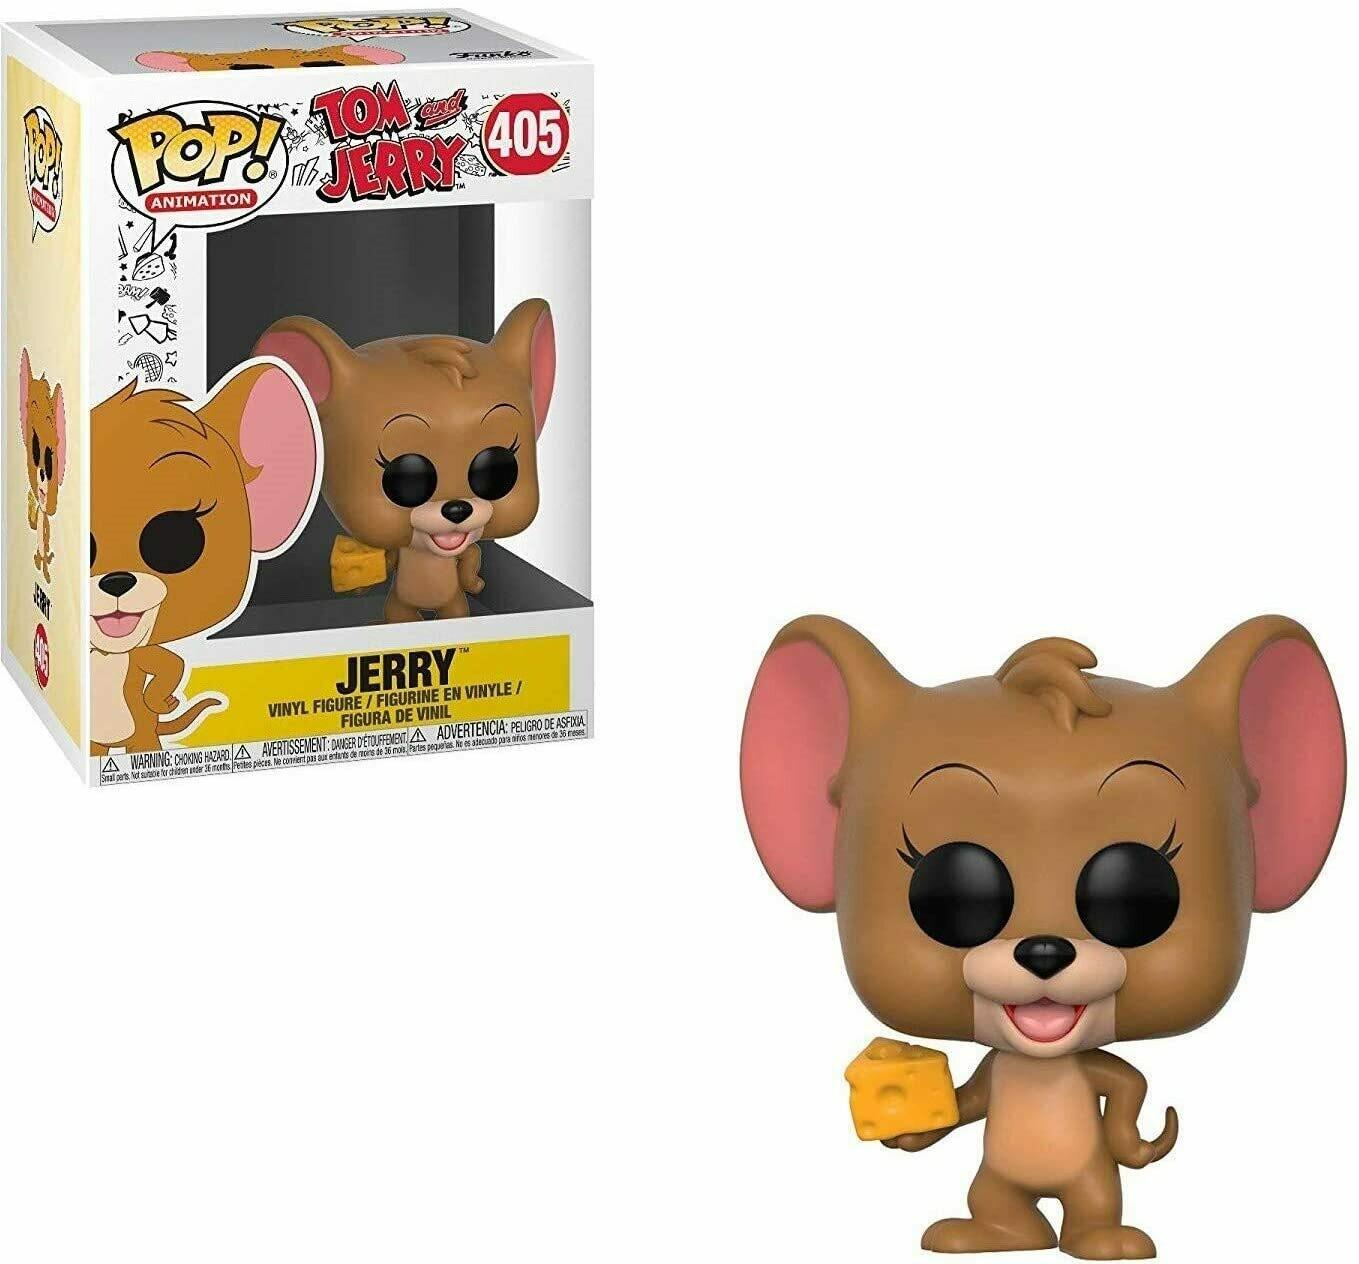 Funko Pop! Jerry - Tom & Jerry